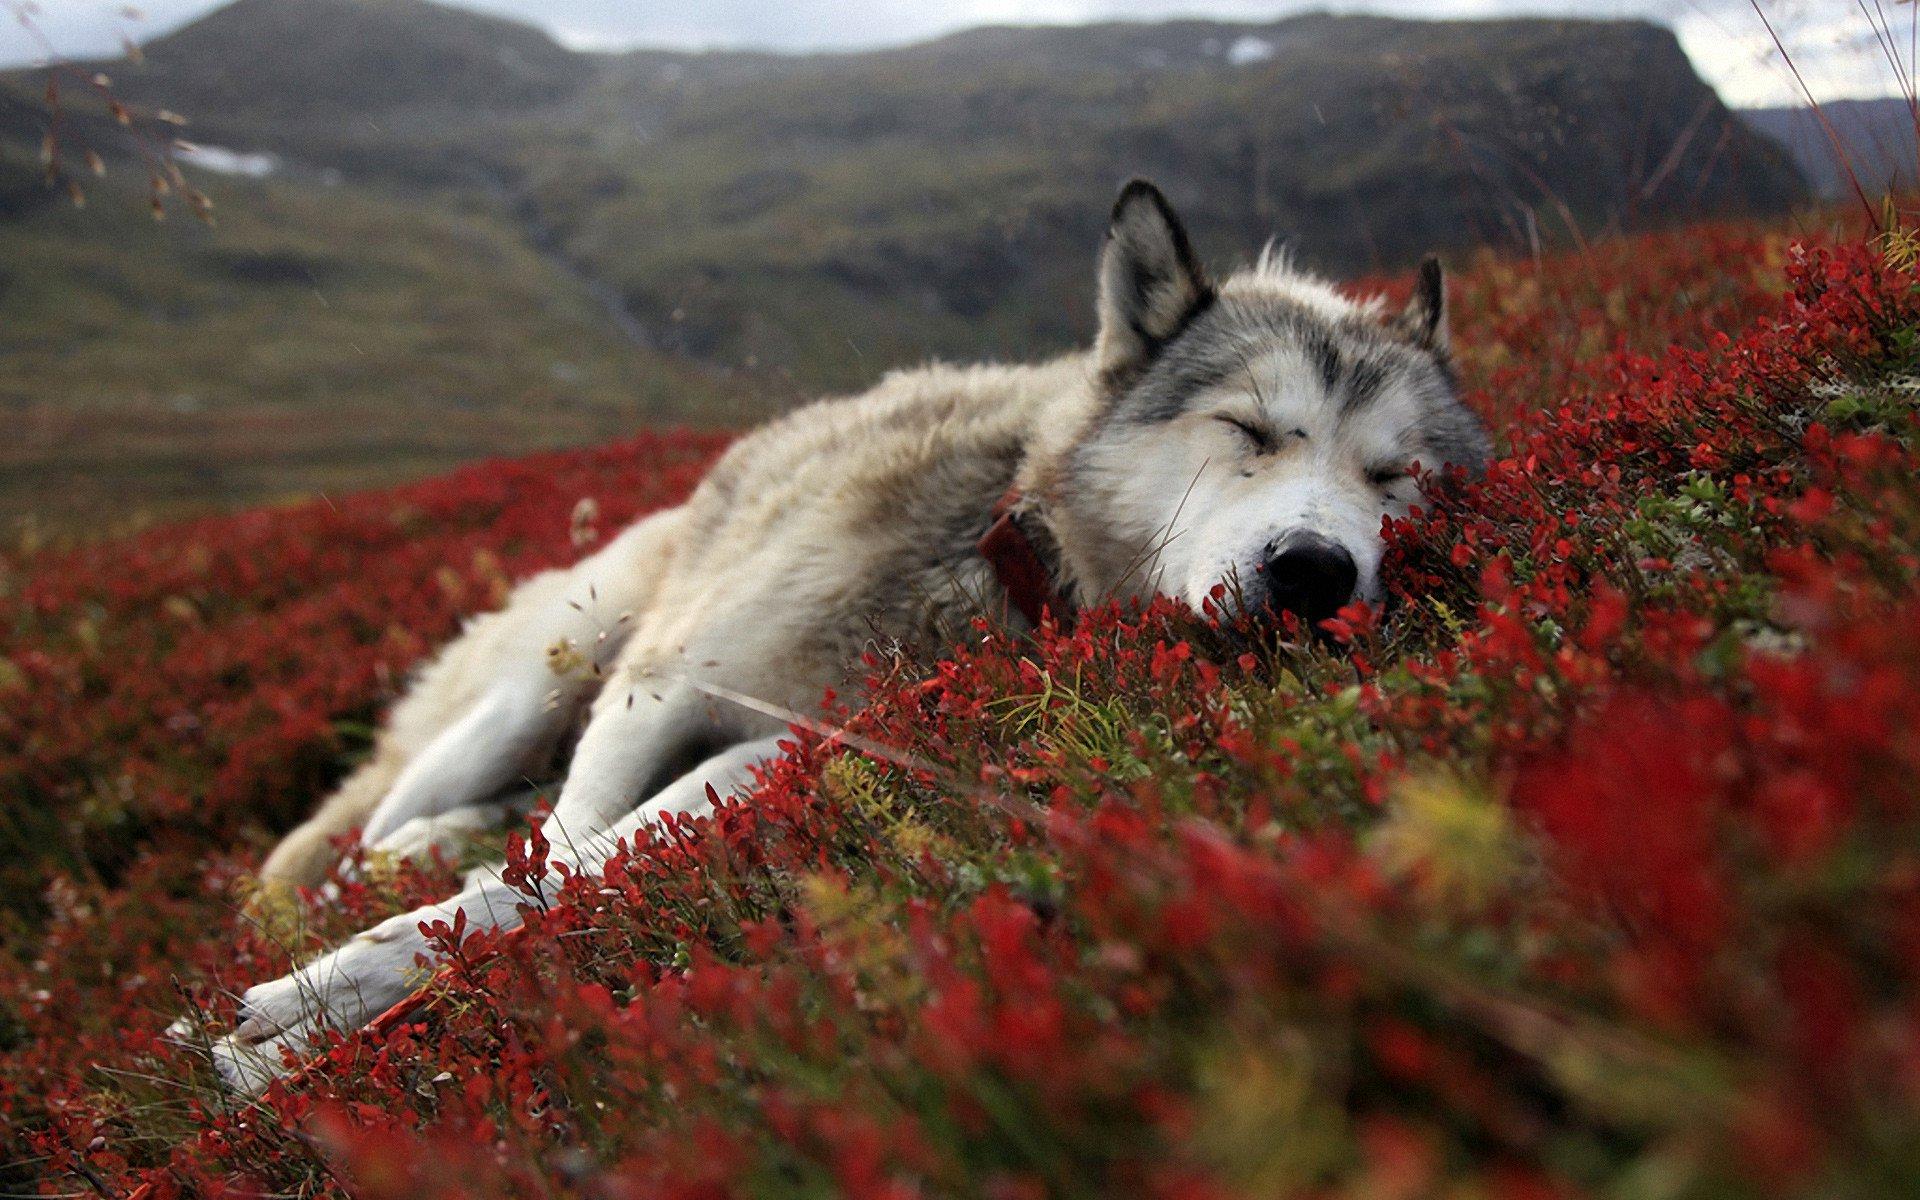 Woofland - Το τέλειο πάρκο μέσα από τα μάτια ενός σκύλου - Γουφαμάρες 8